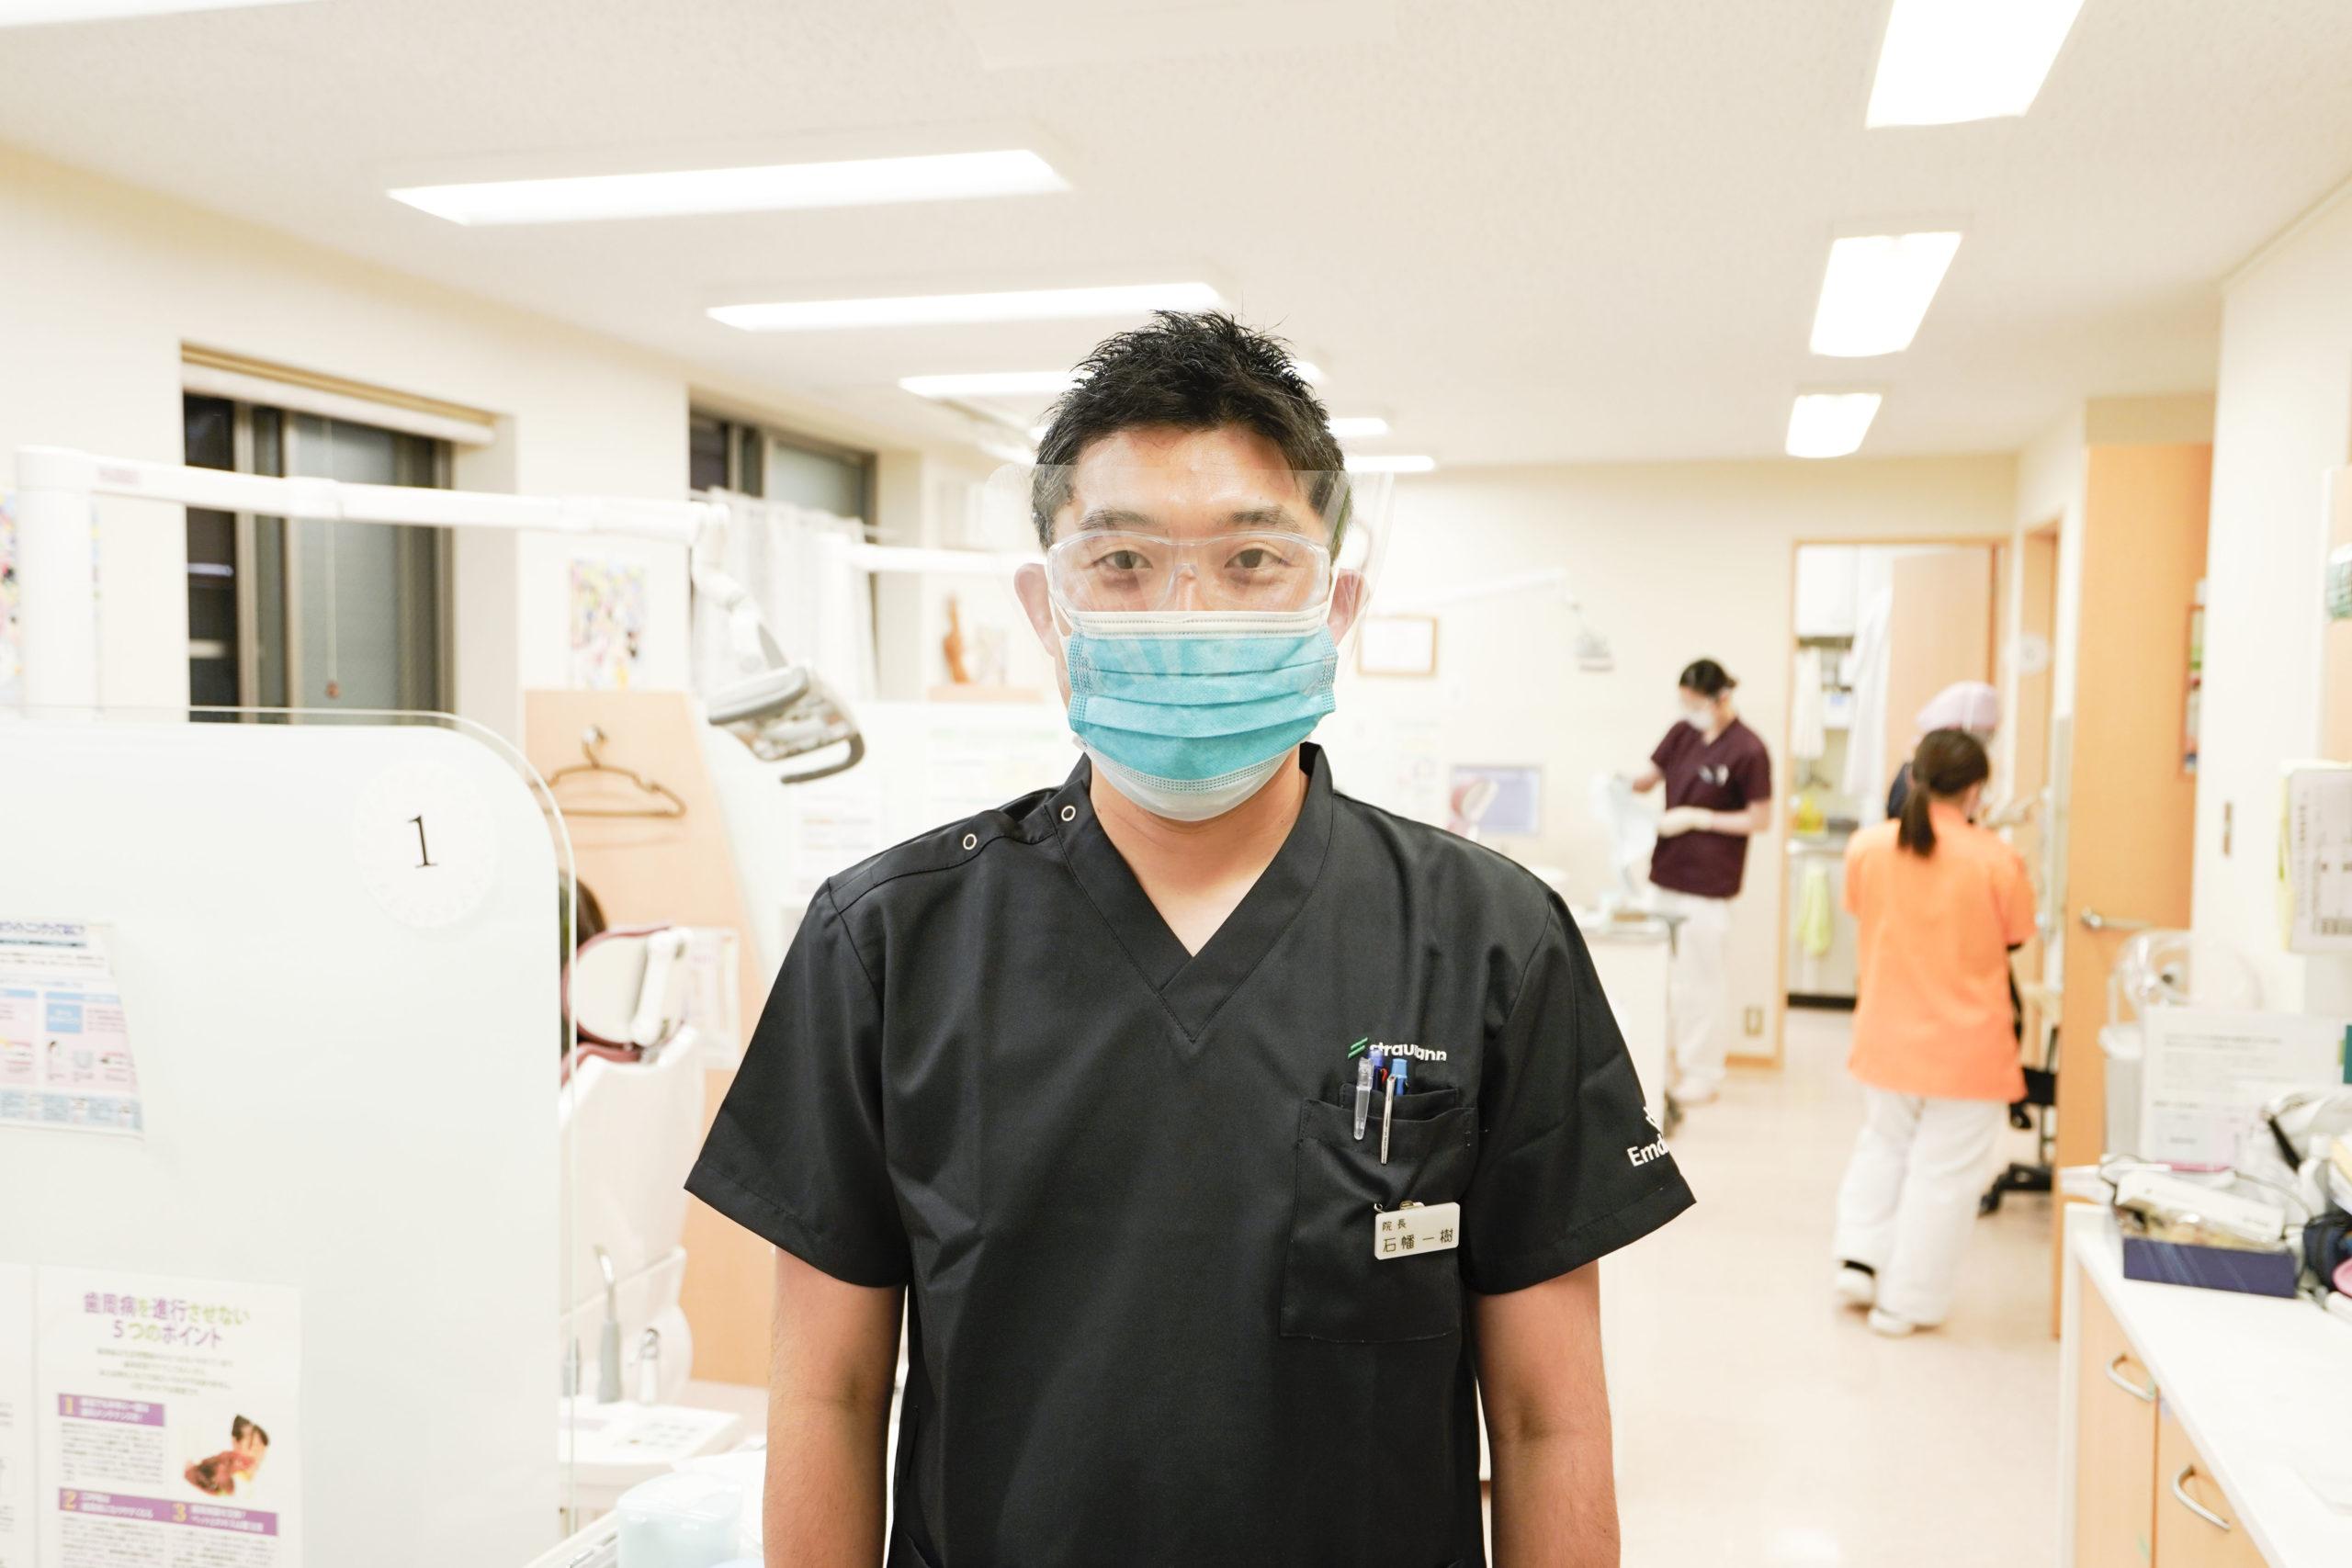 いしはた歯科クリニック フェイスガード感染症対策